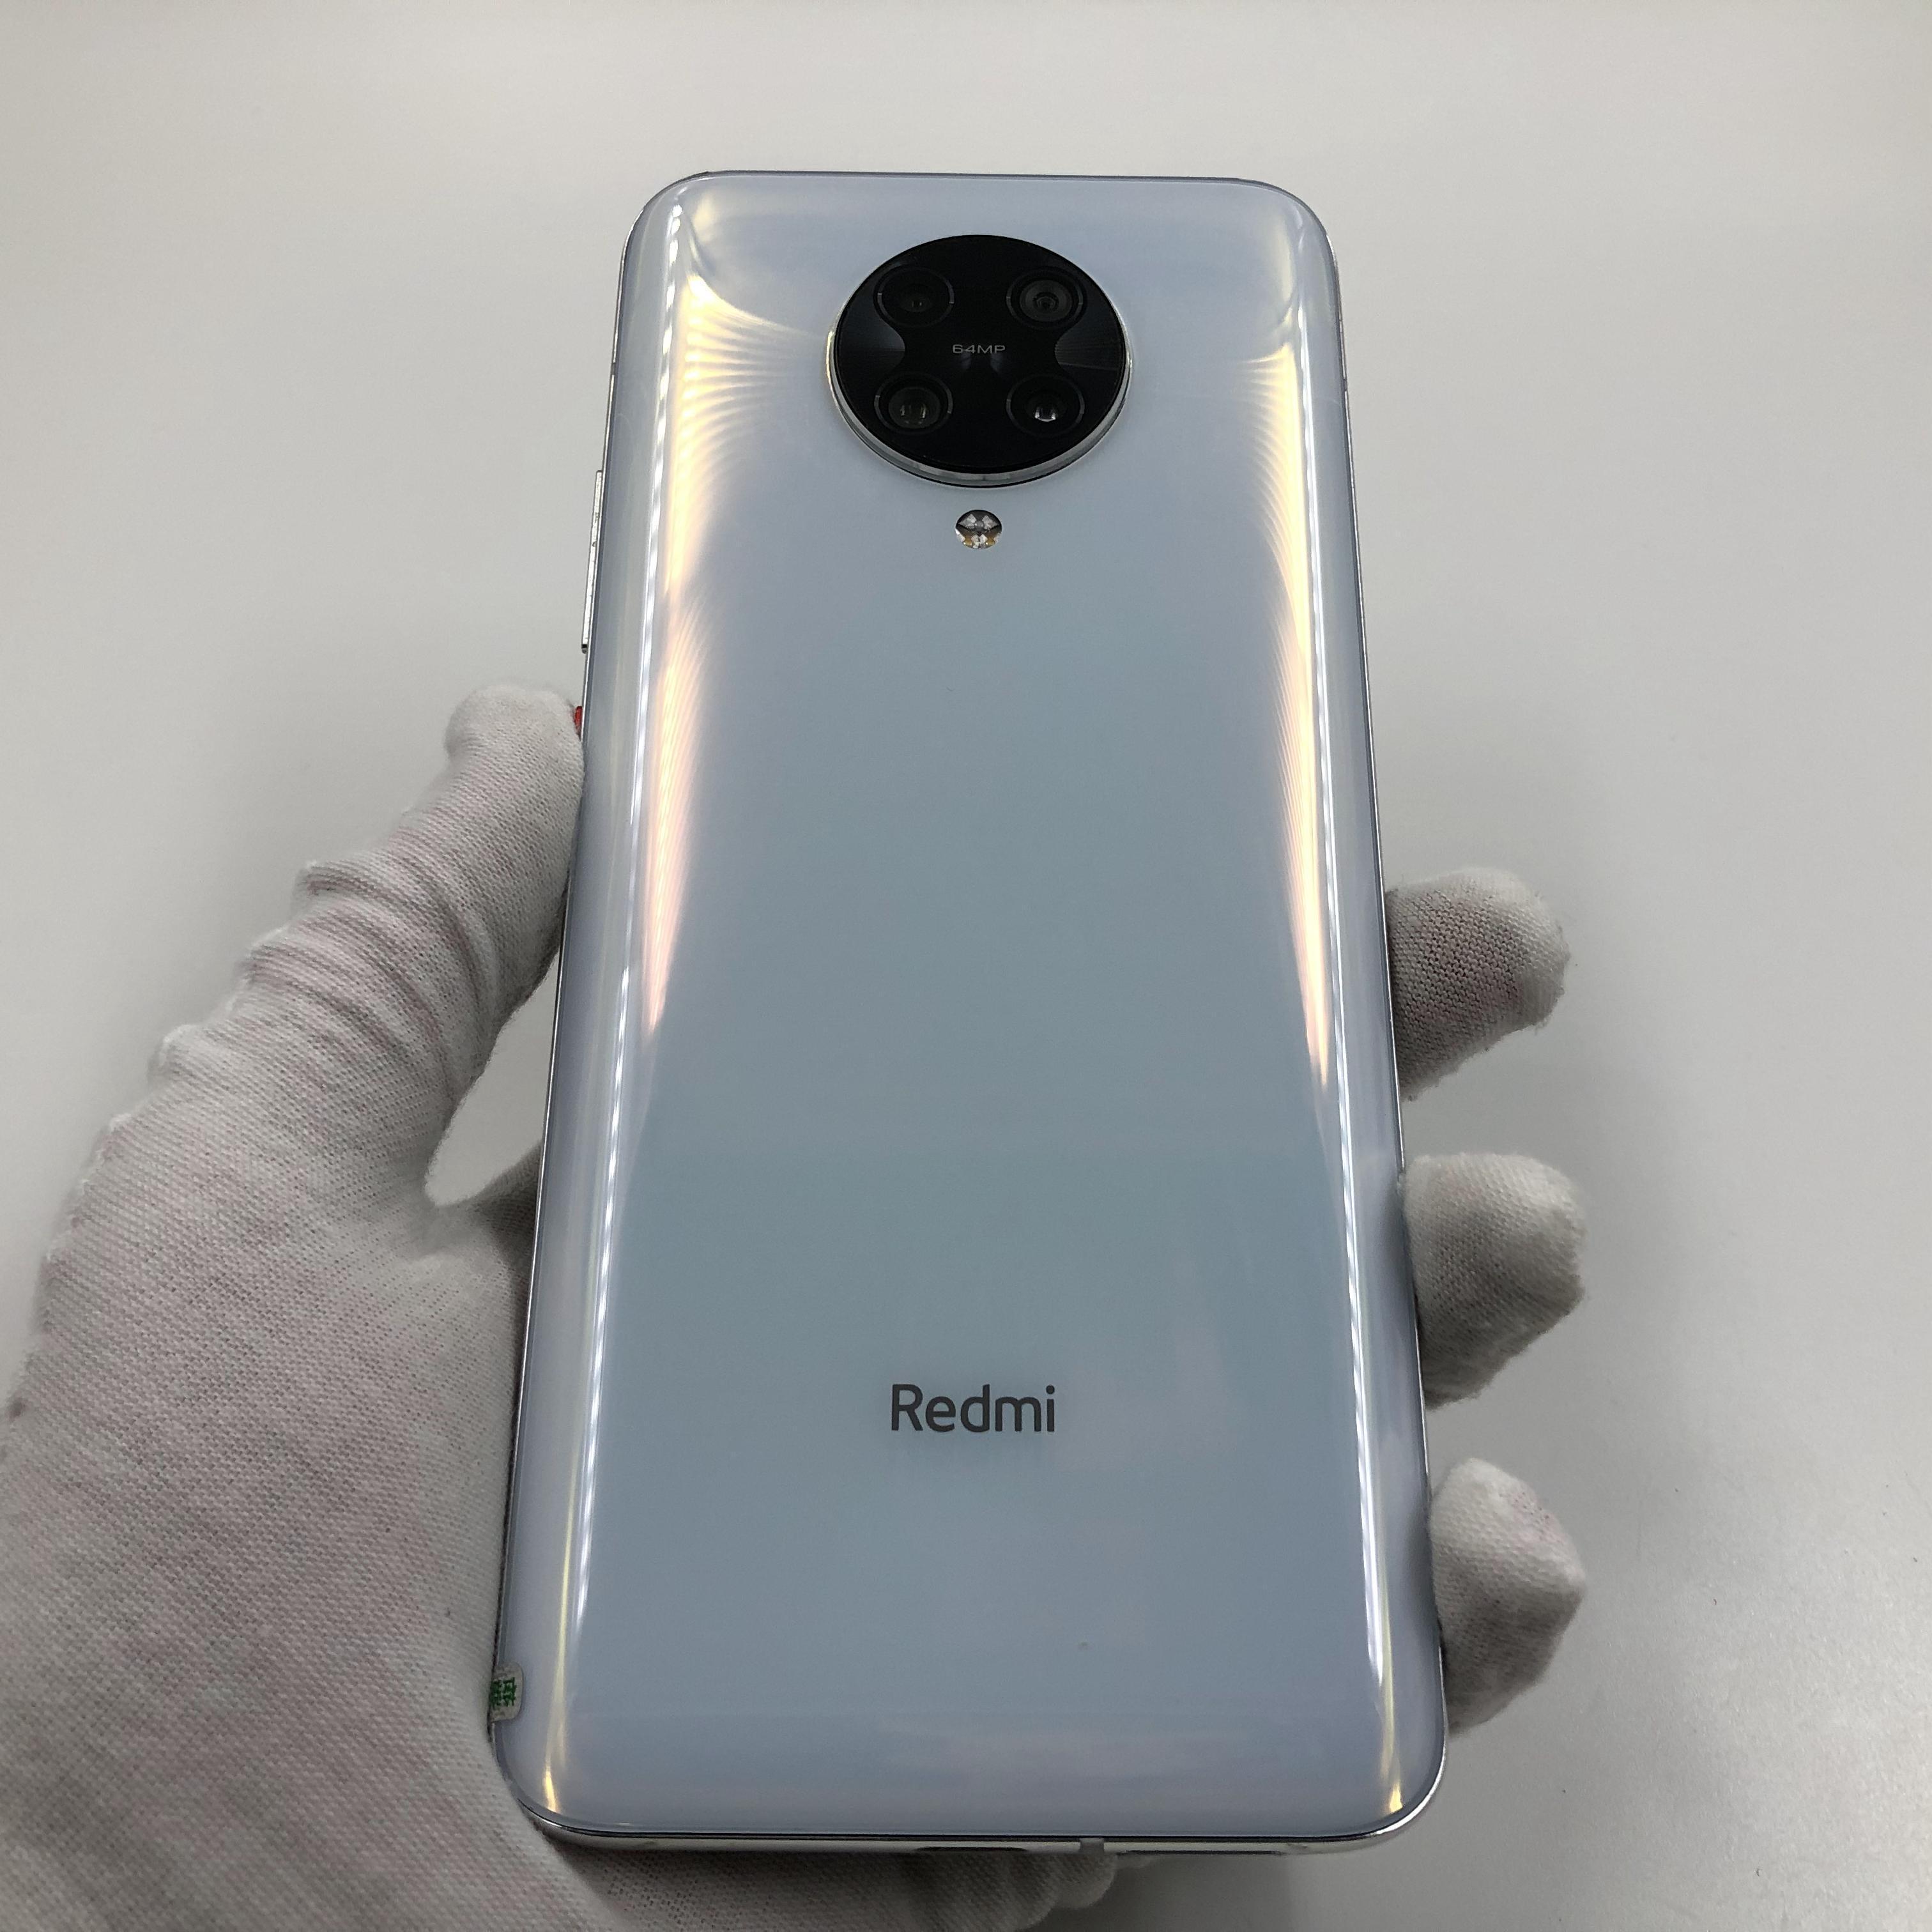 小米【Redmi k30 Pro 5G】5G全网通 月幕白 6G/128G 国行 8成新 真机实拍